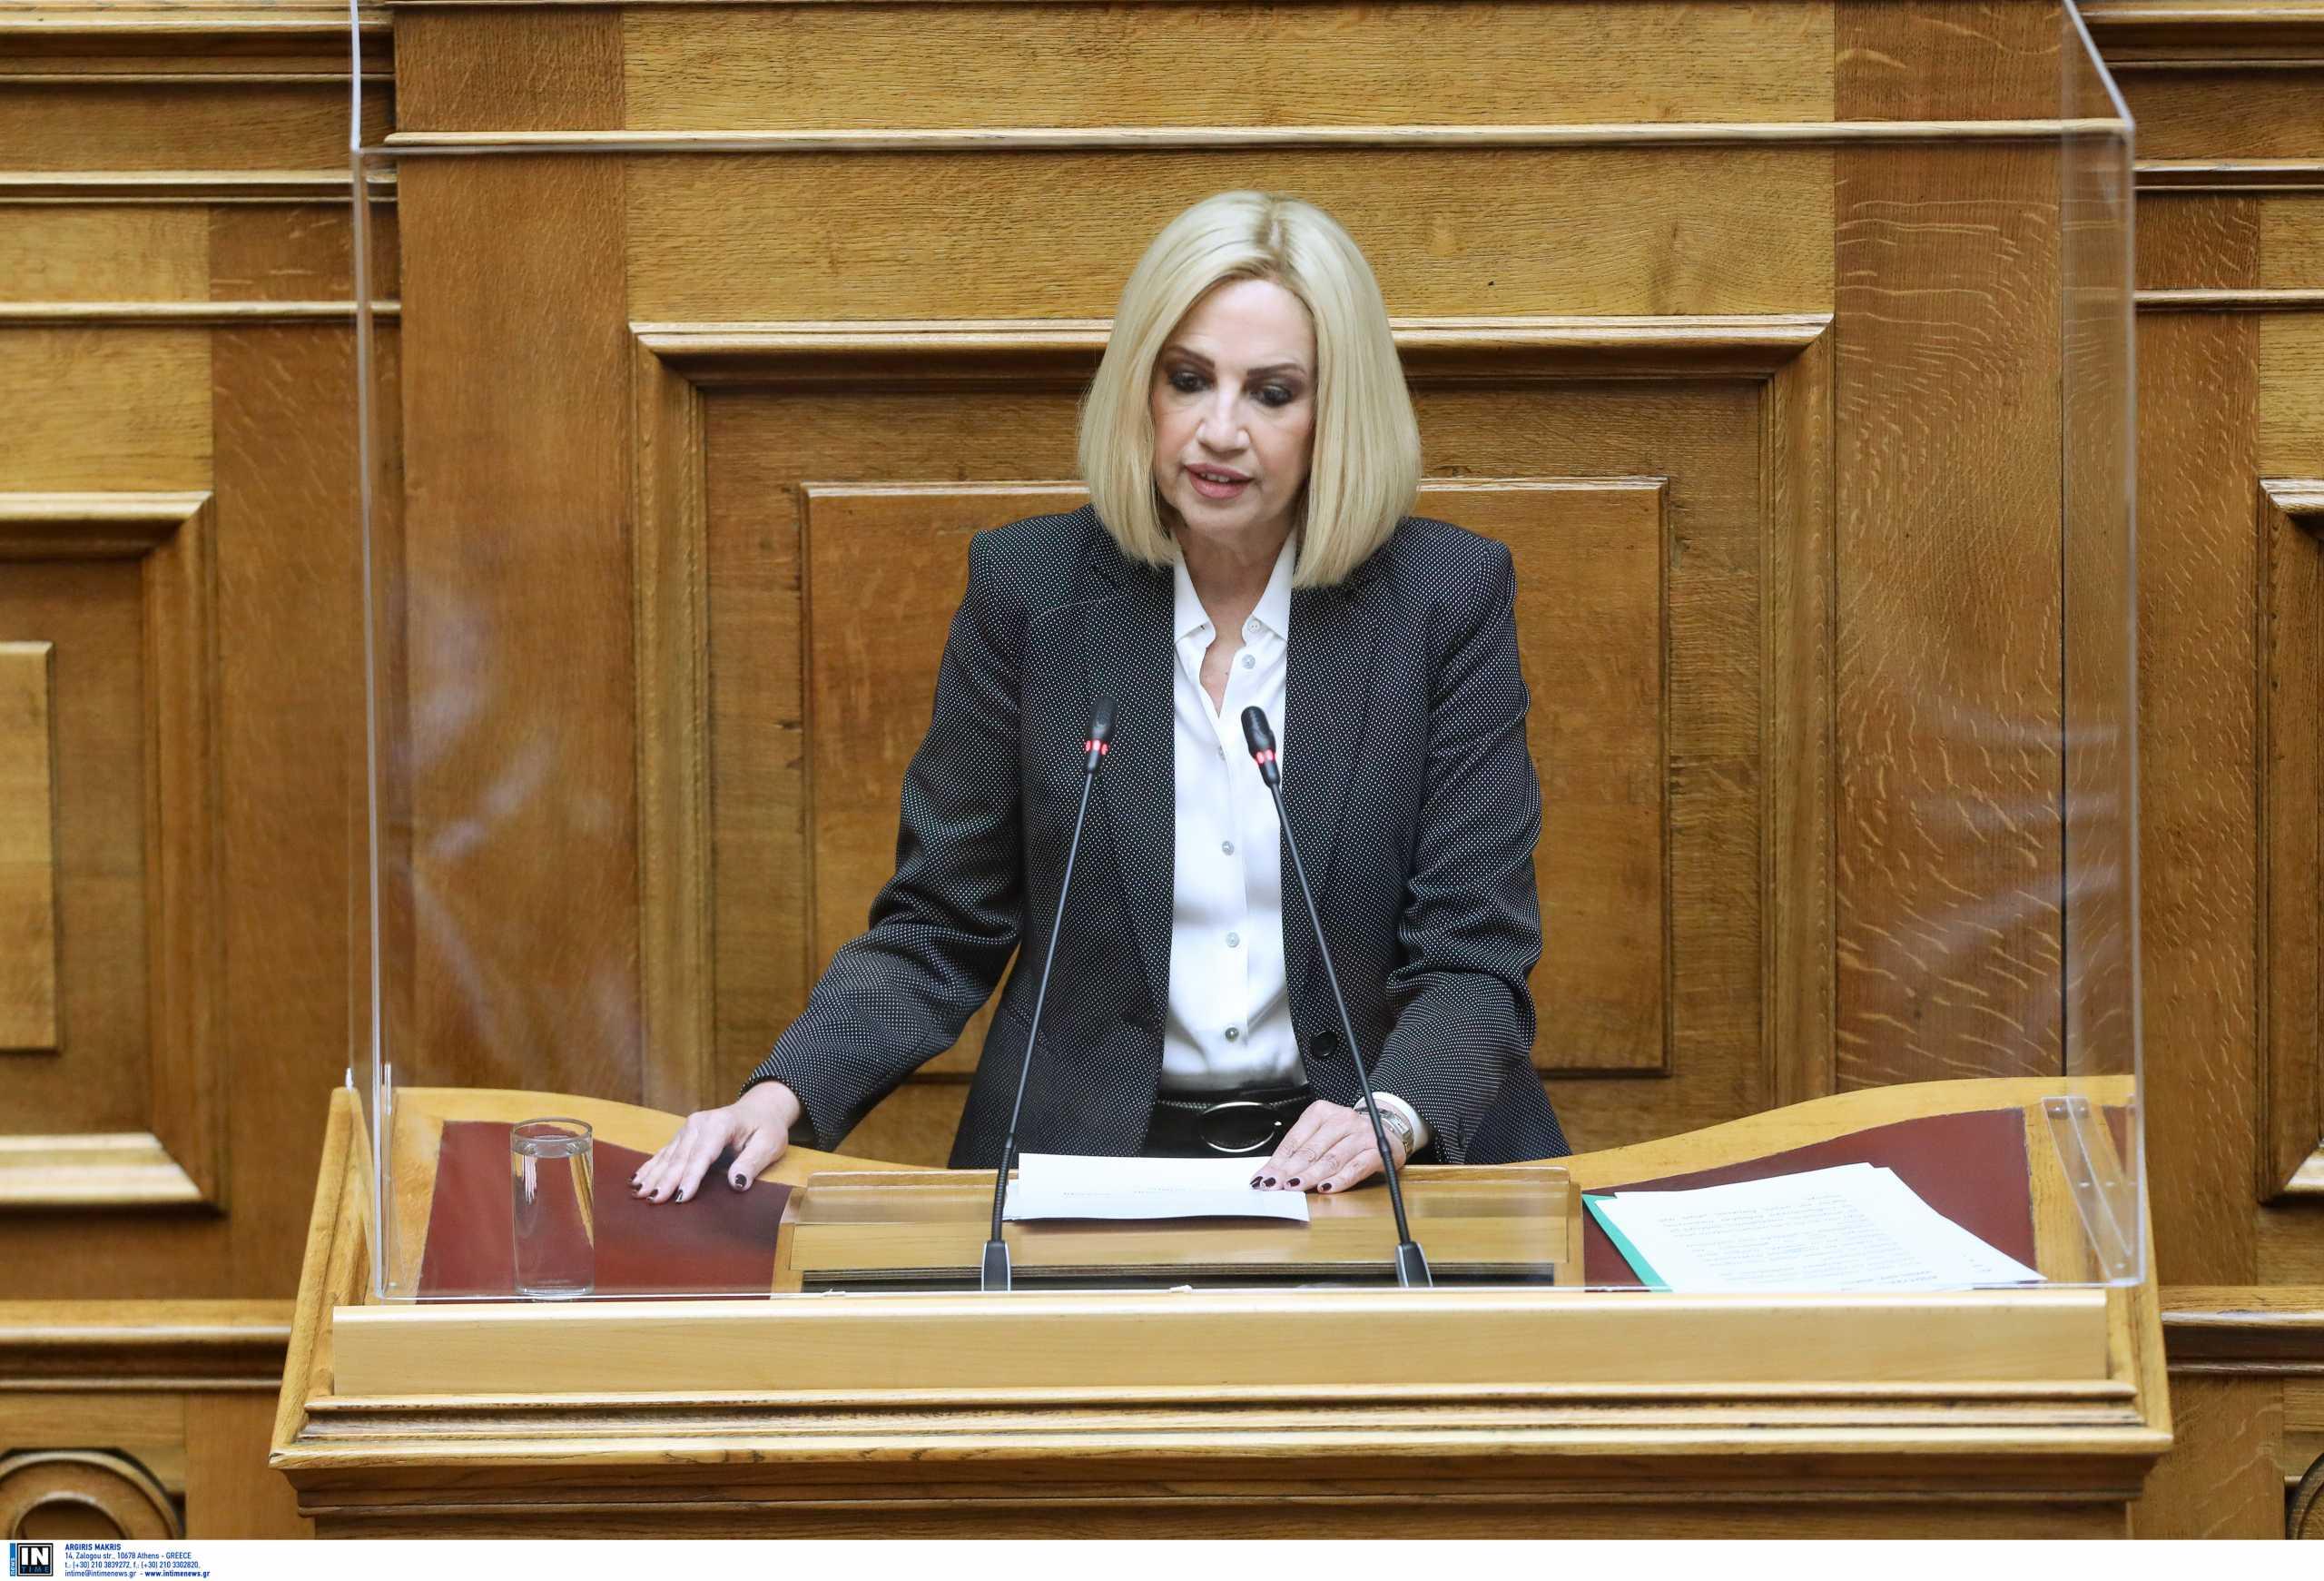 Βουλή: Γεννηματά σε Μητσοτάκη –  «Αποτύχατε στη διαχείριση της πανδημίας»